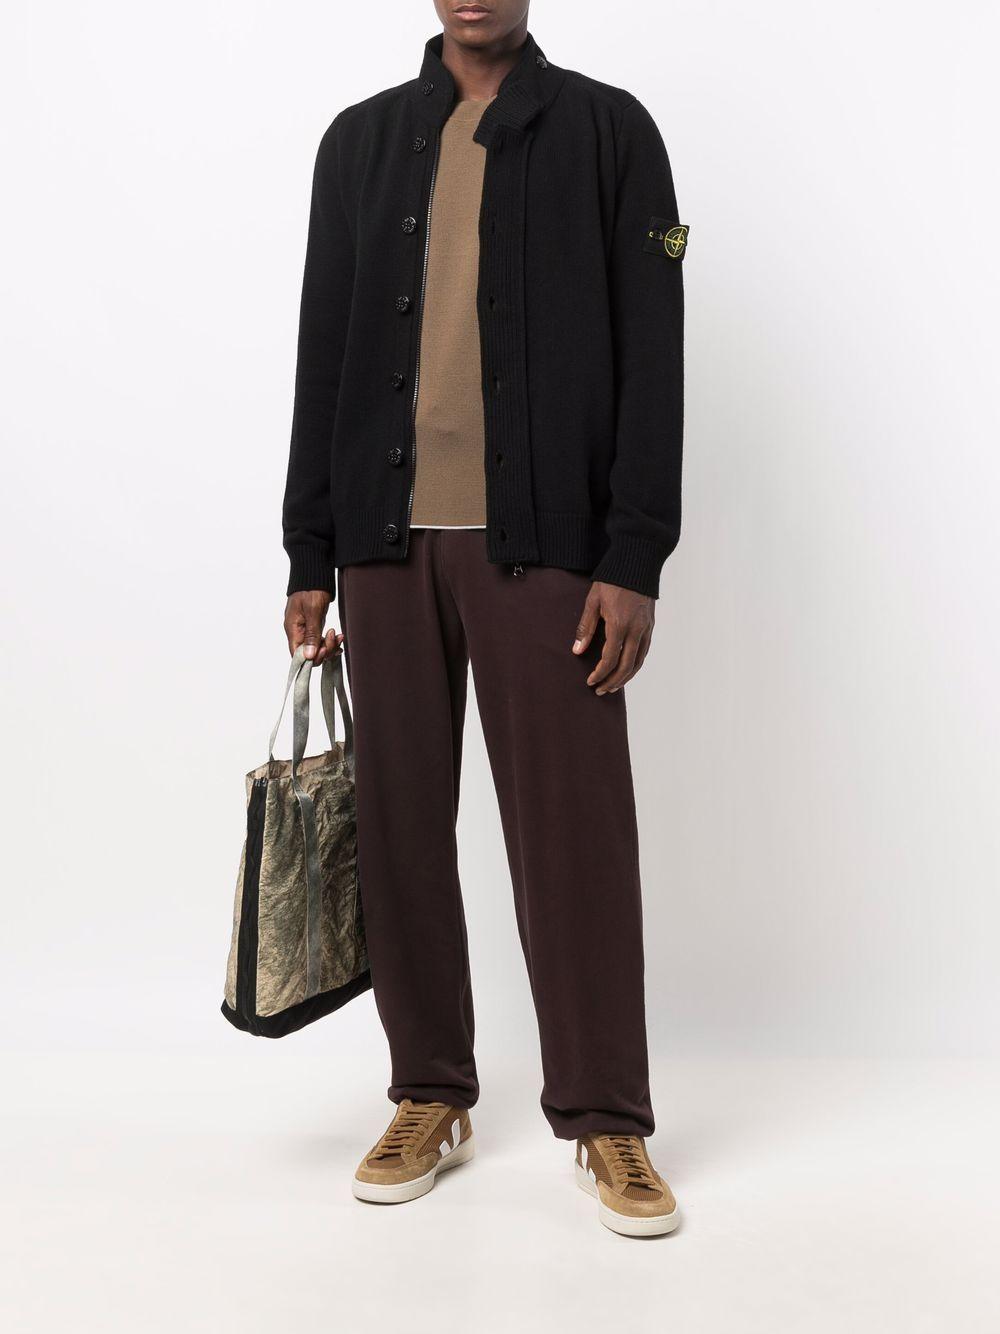 Black wool high-neck cardigan featuring Stone Island logo STONE ISLAND |  | 7515547A3V0029